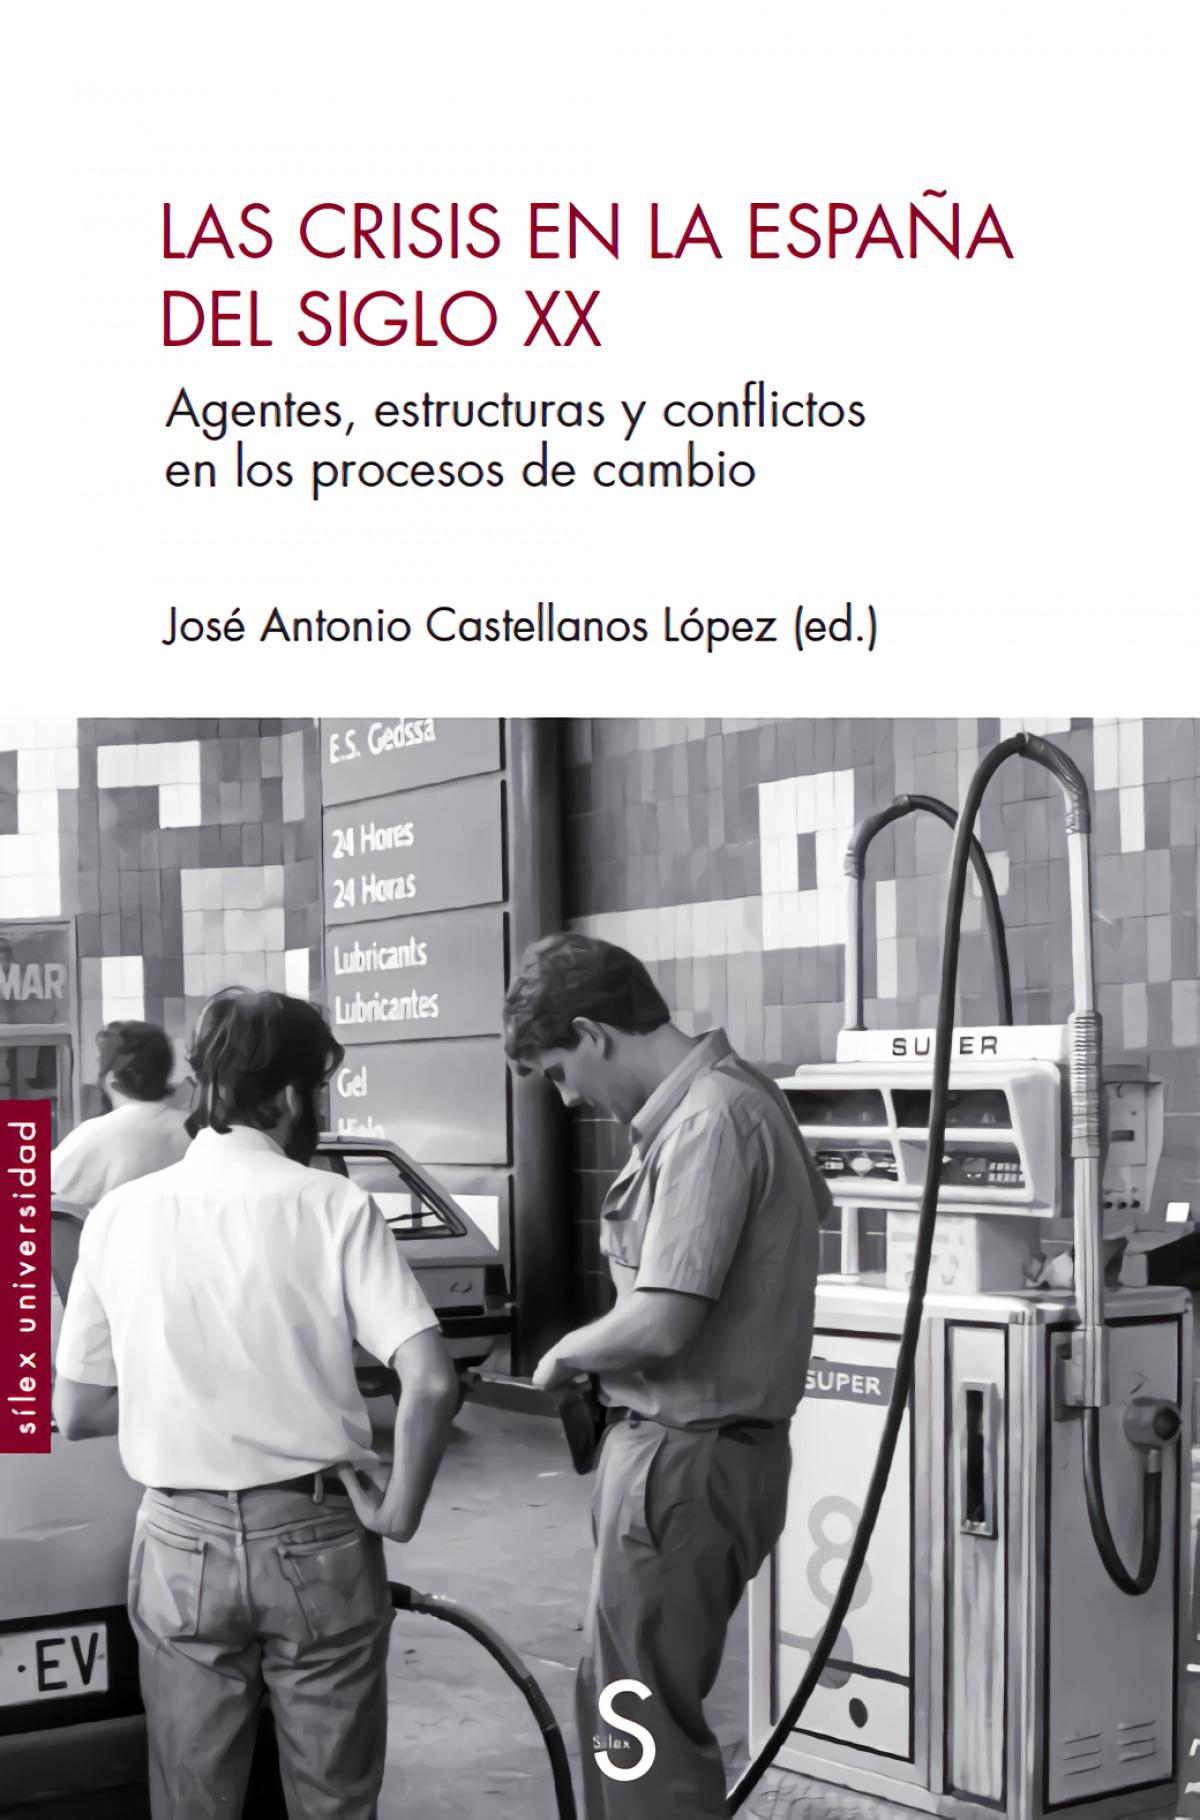 Las crisis en la España del siglo XX 9788477378952